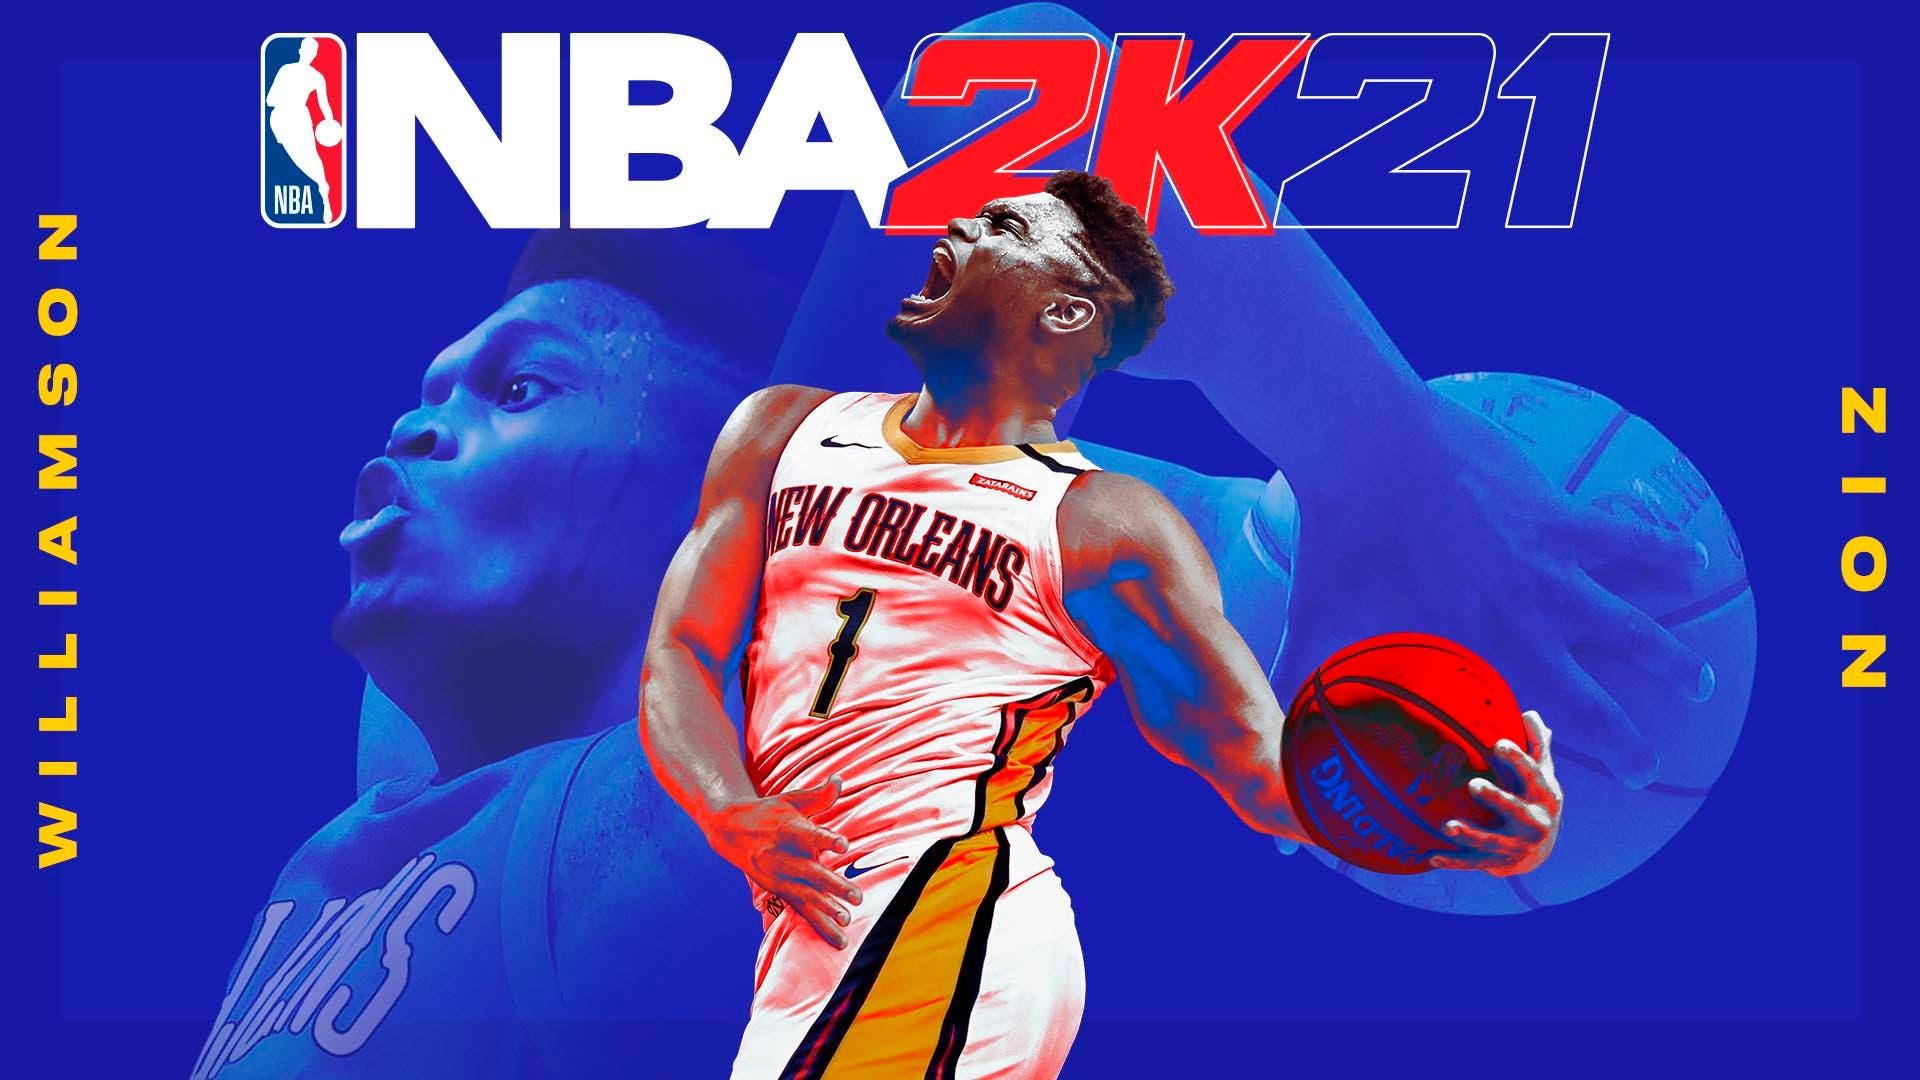 Confirmado otro jugador para la portada de NBA 2k21 para la versión de Xbox Series X 4